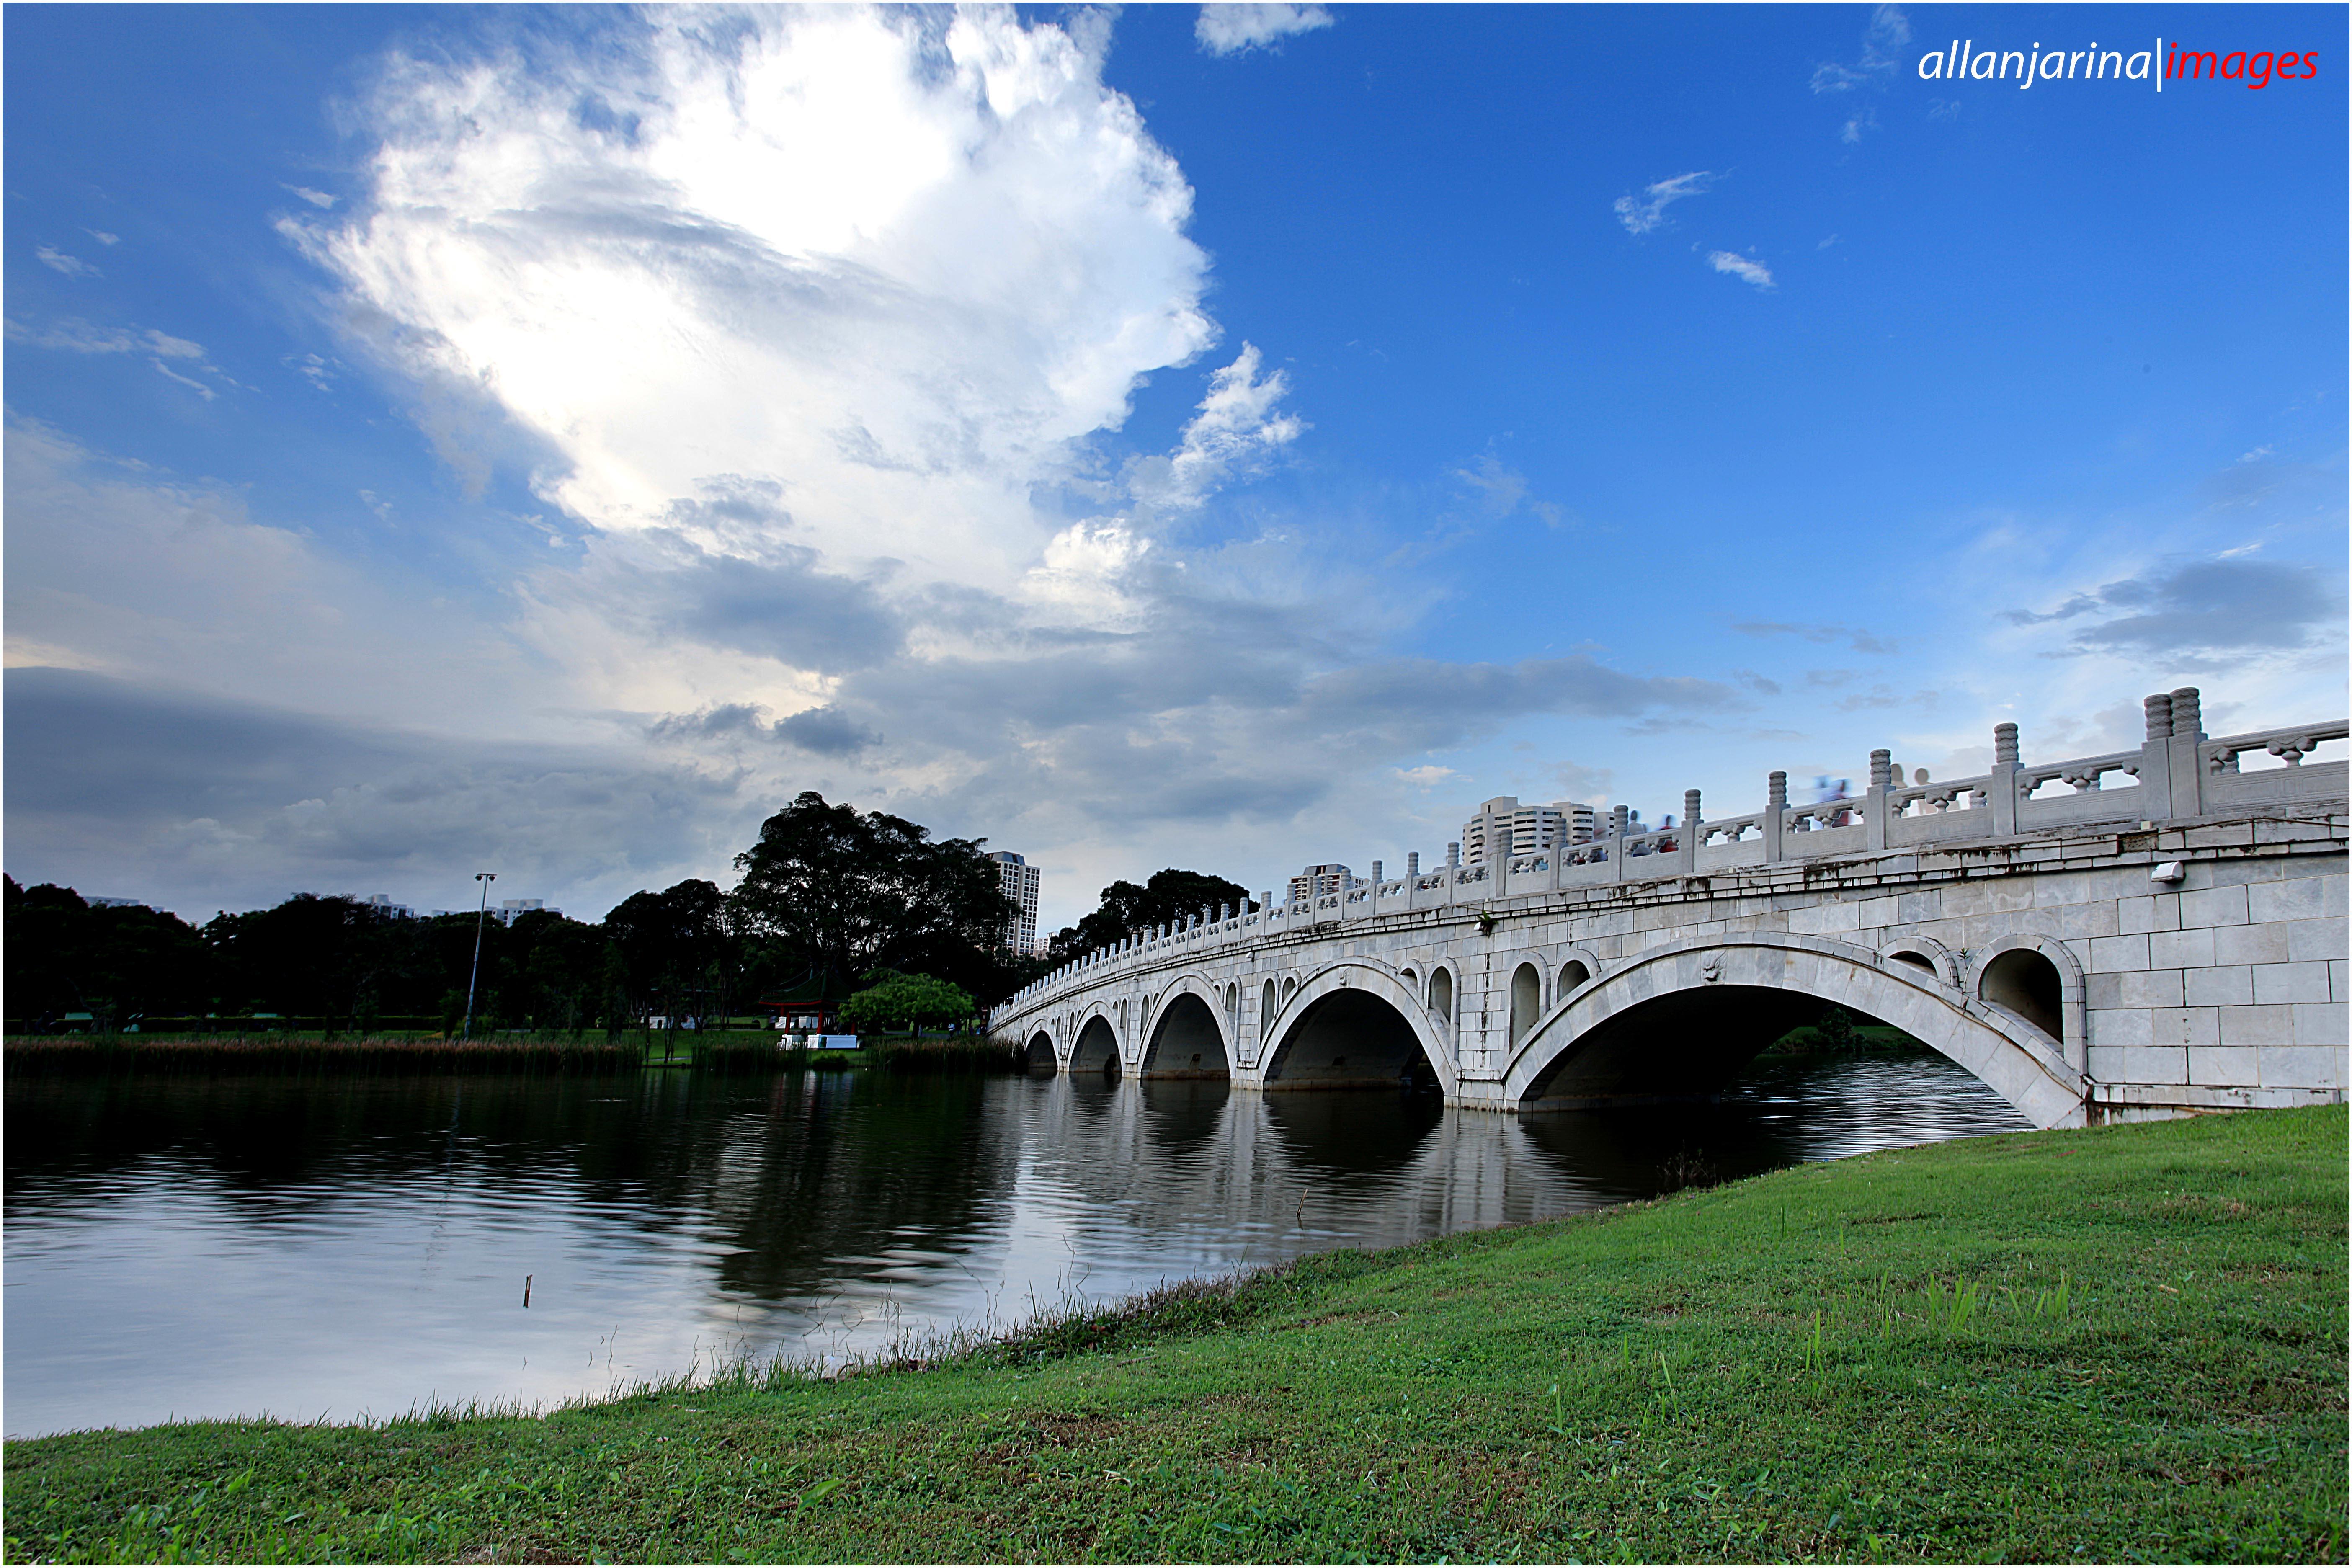 File:Singapore-Chinese-Garden-Bridge.jpg - Wikimedia Commons